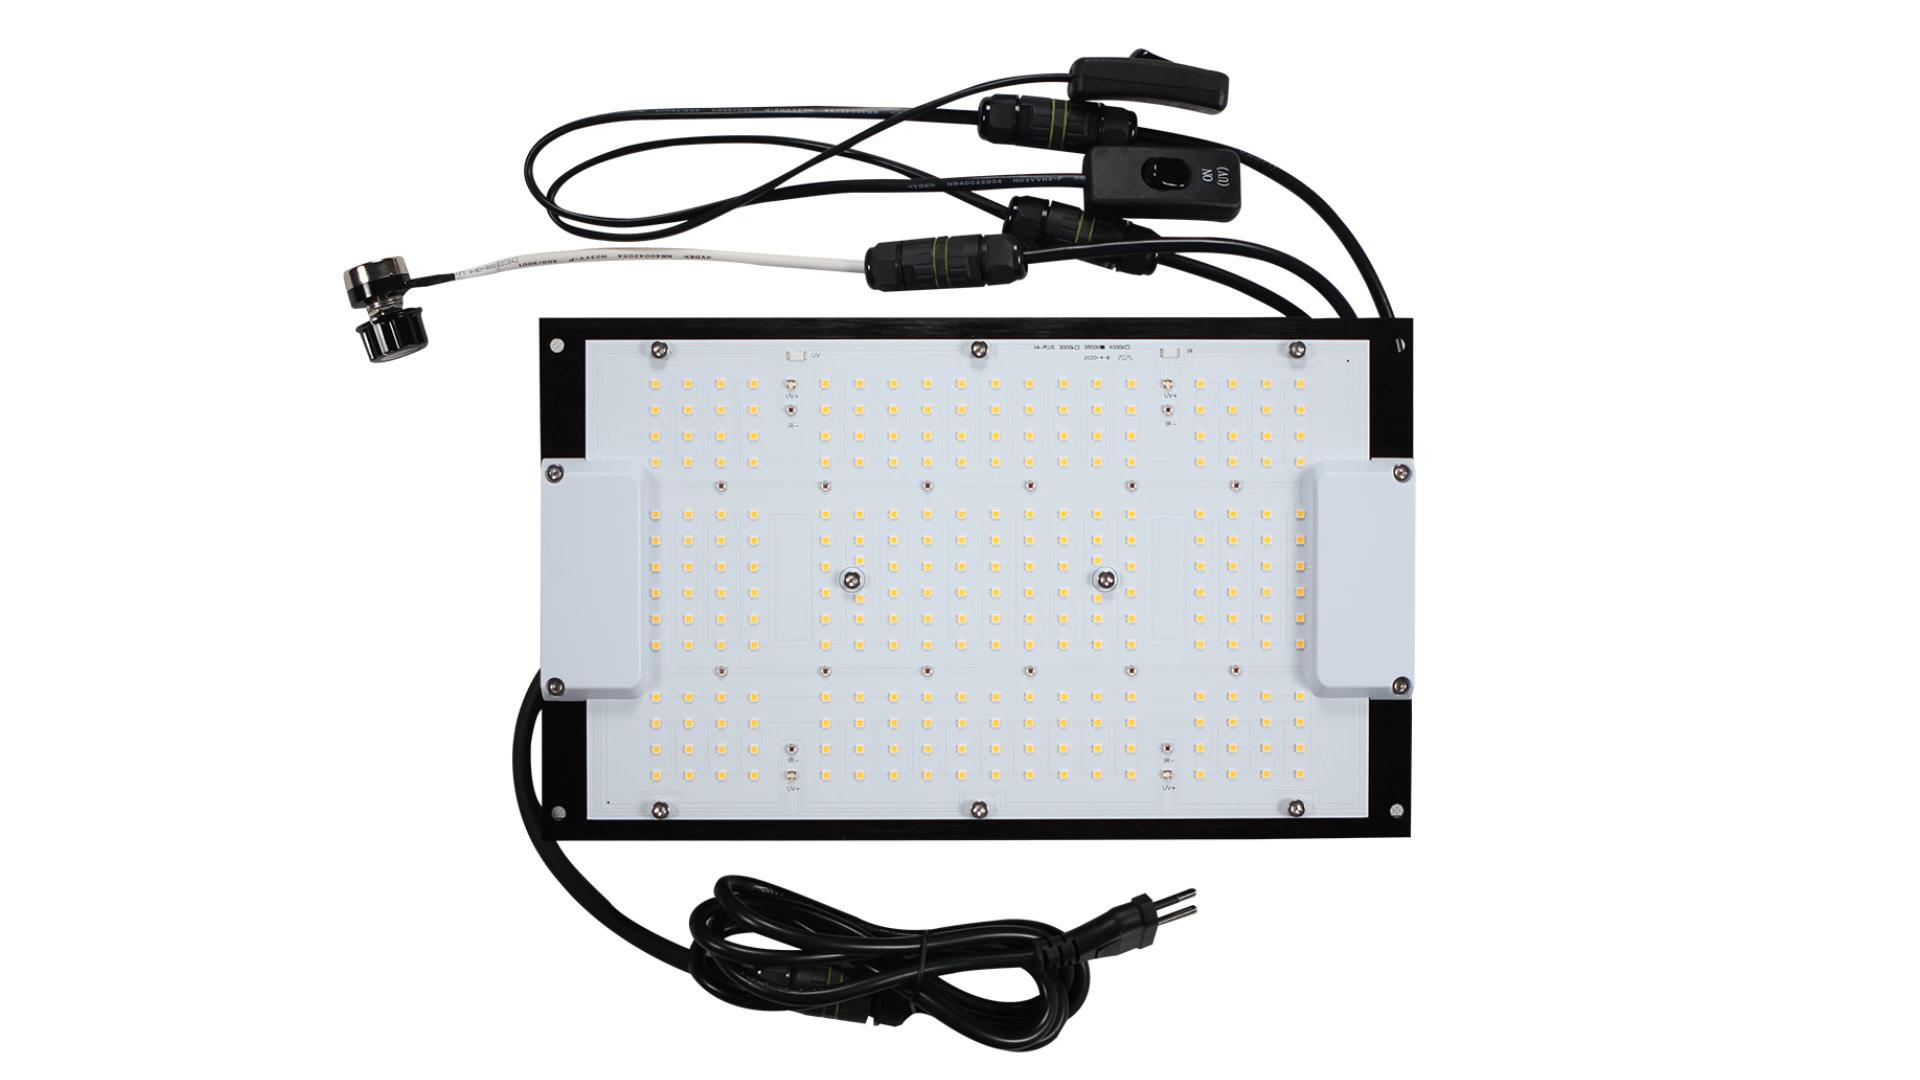 Geeklight 120 Вт доска монстра LM301H LM301B сеульская 3030 гидропонная Светодиодная лампа для выращивания микс УФ ИК-переключатель